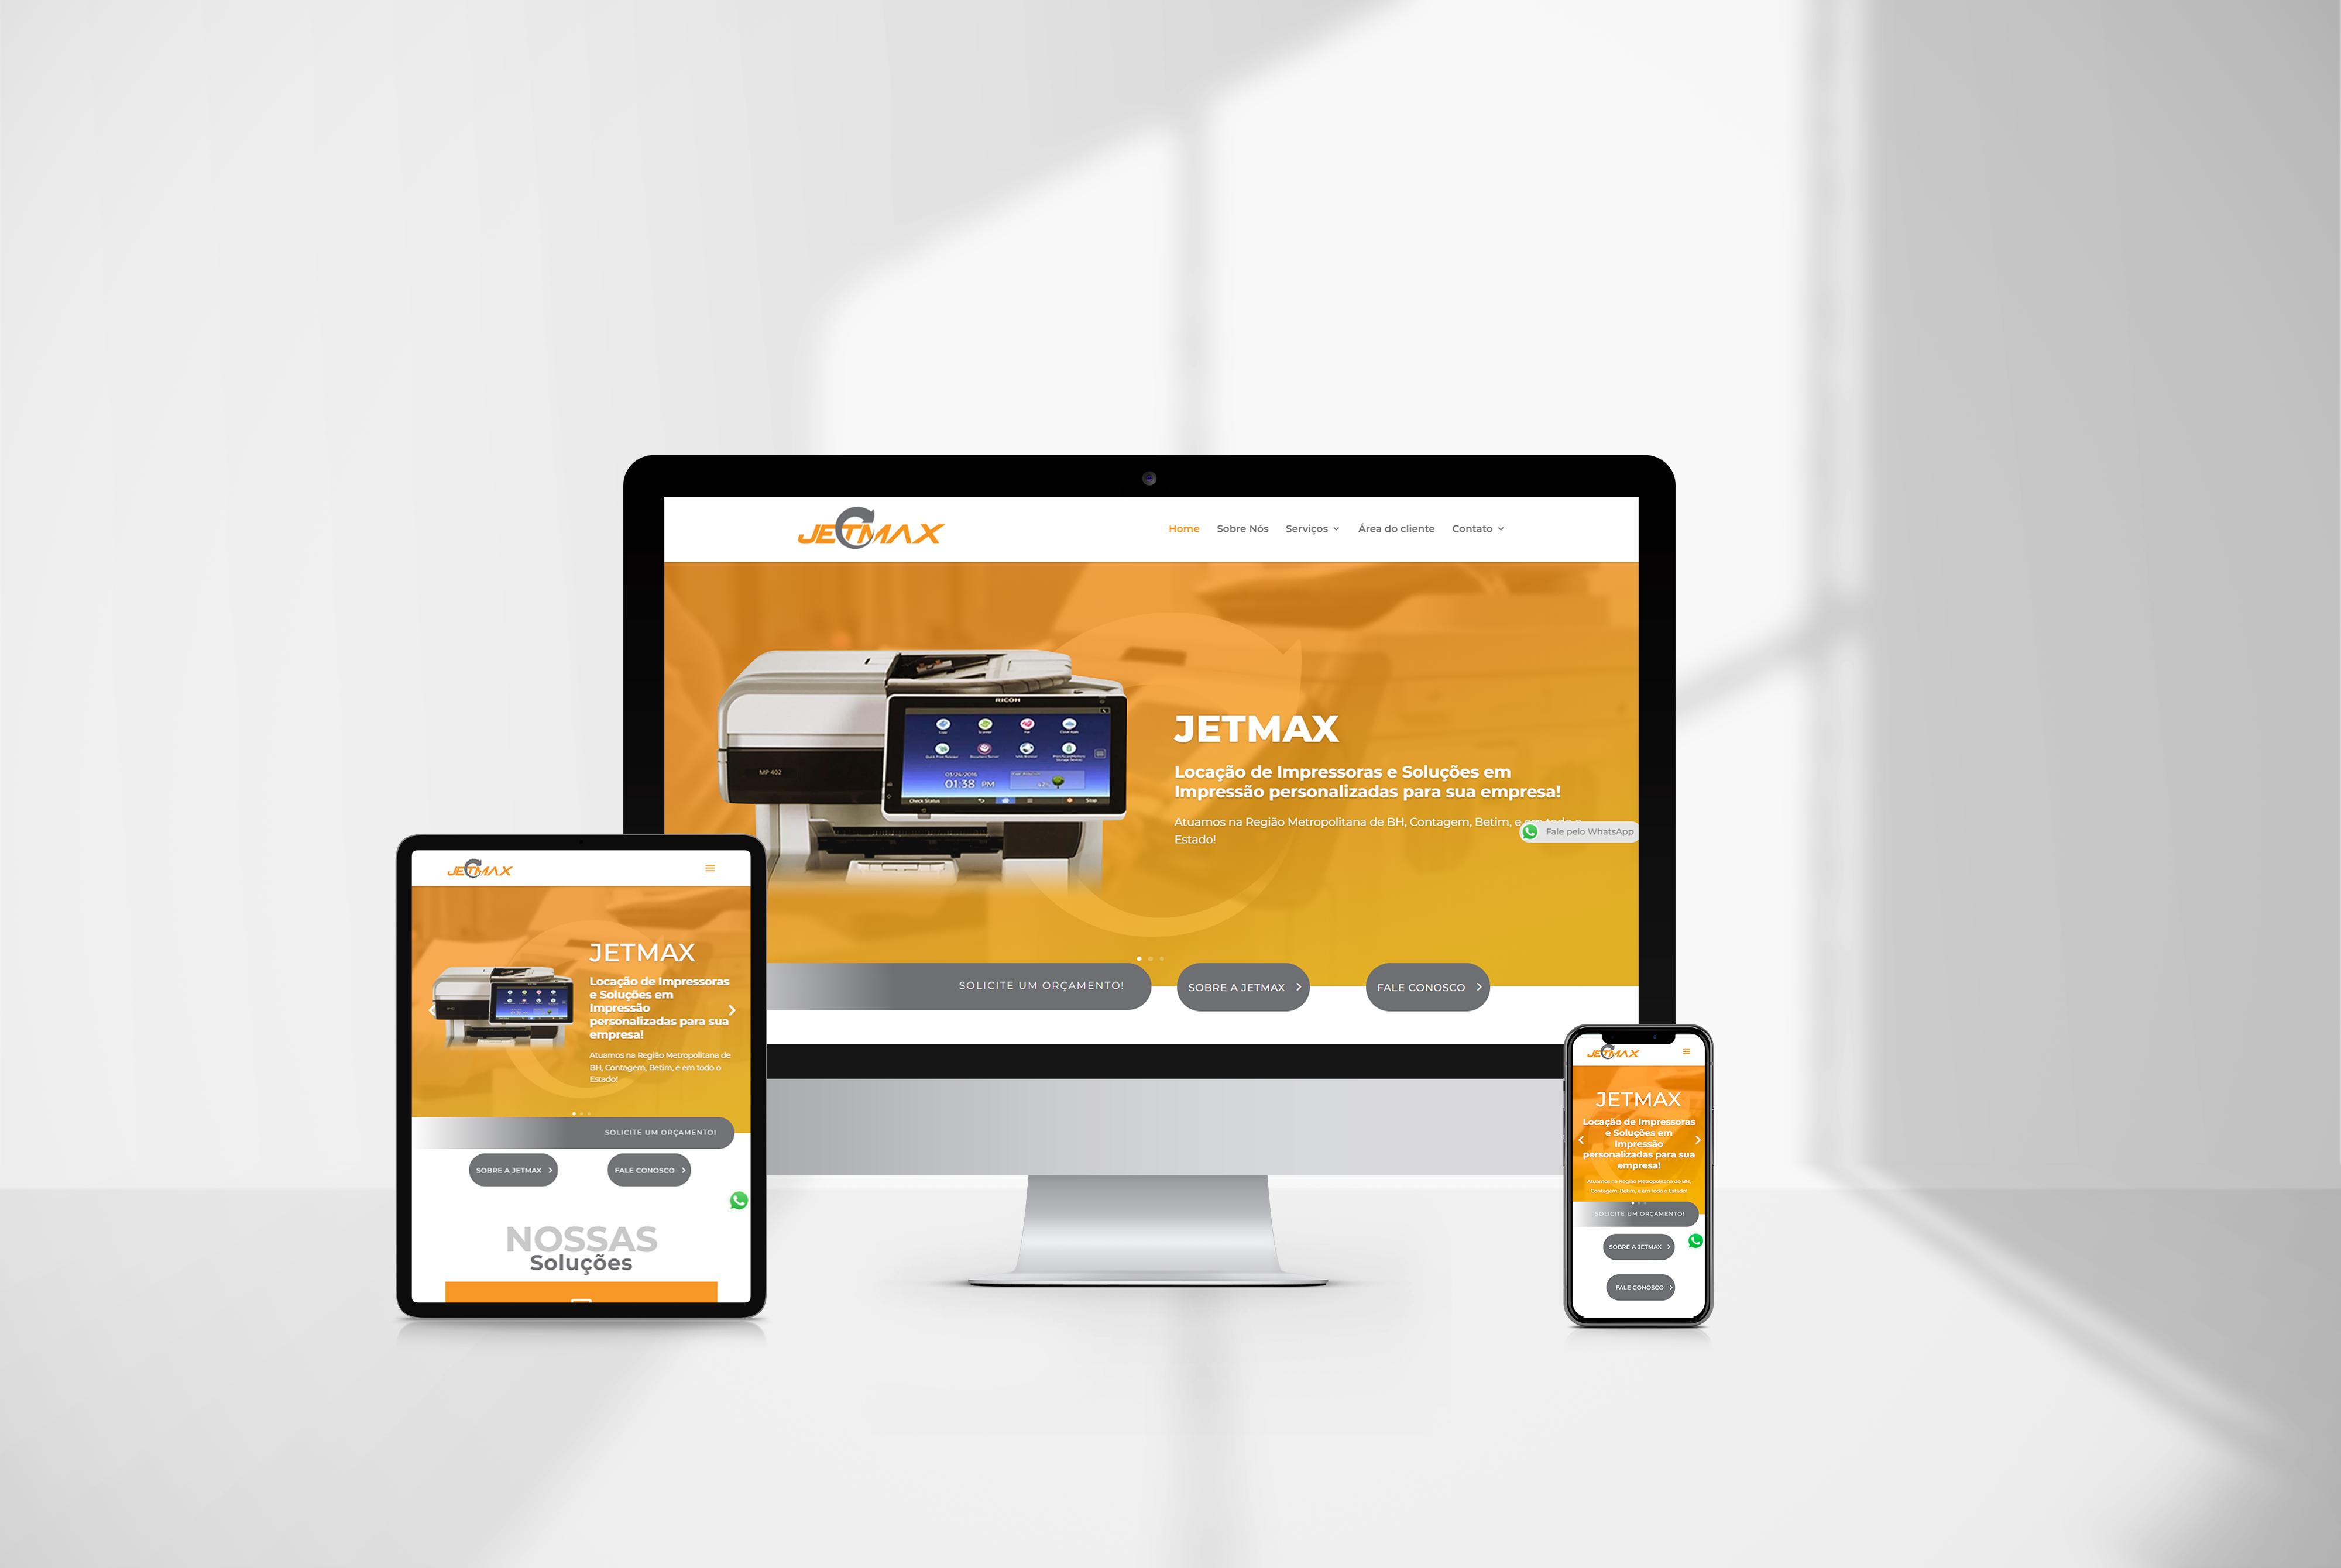 criacao de site Jetmax agencia de marketing digital casanova digital